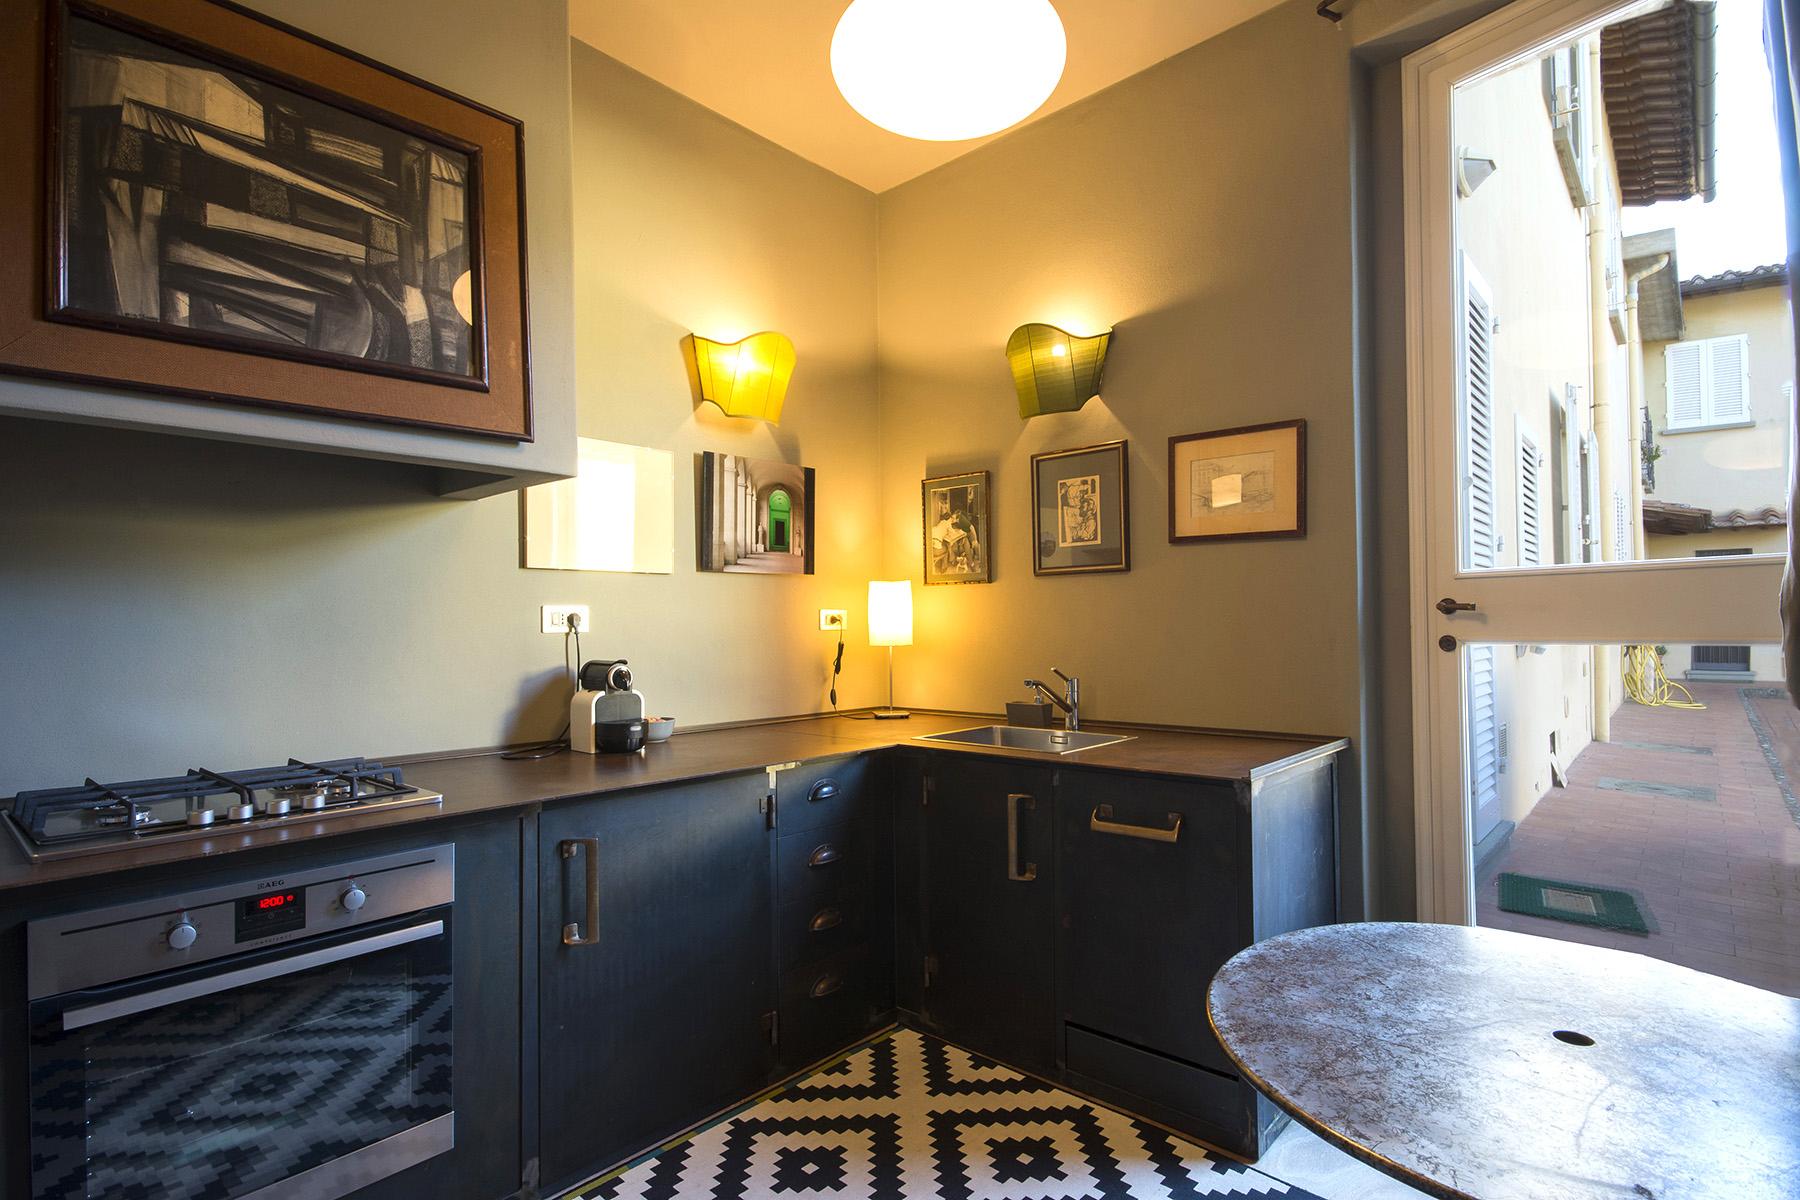 Casa indipendente in Vendita a Firenze: 5 locali, 128 mq - Foto 4